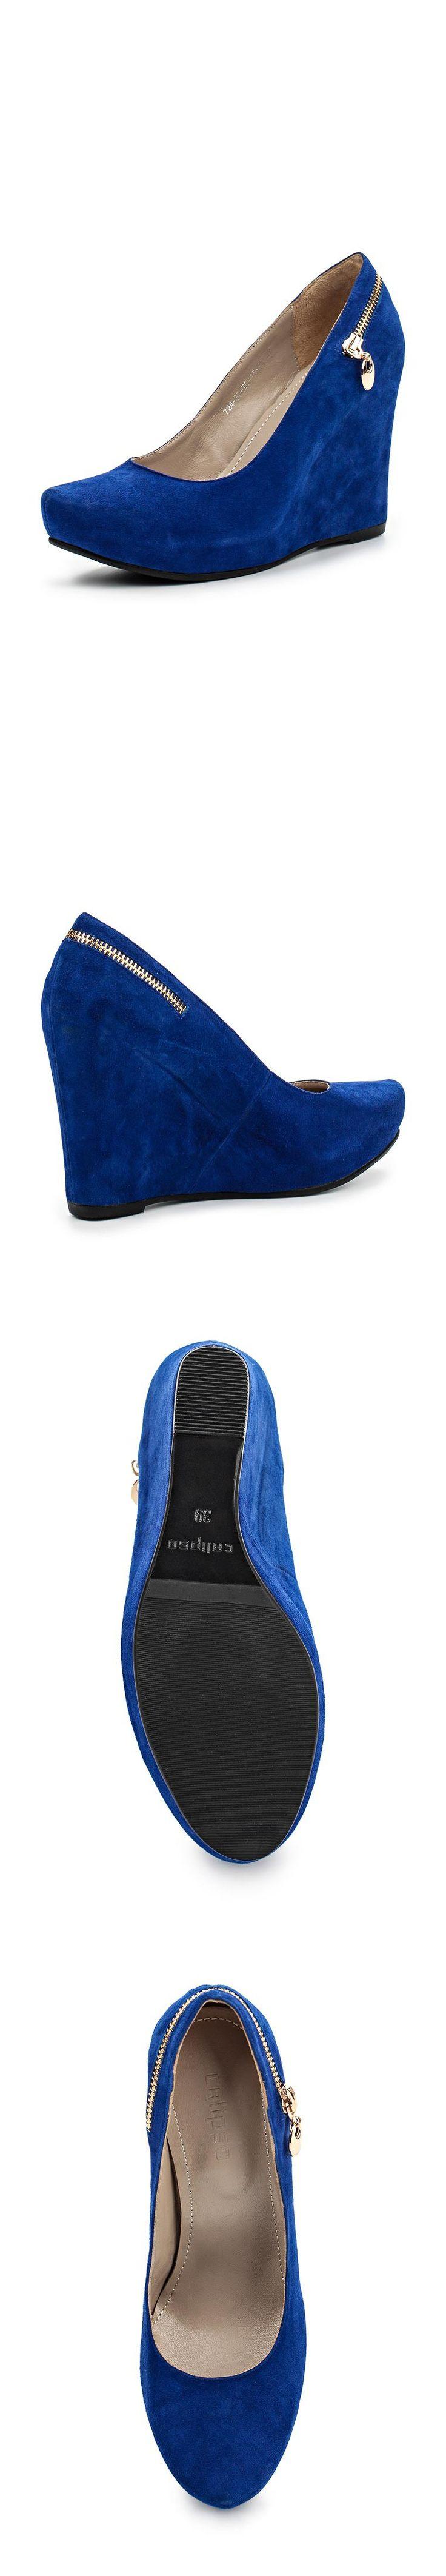 Женская обувь туфли Calipso за 8920.00 руб.